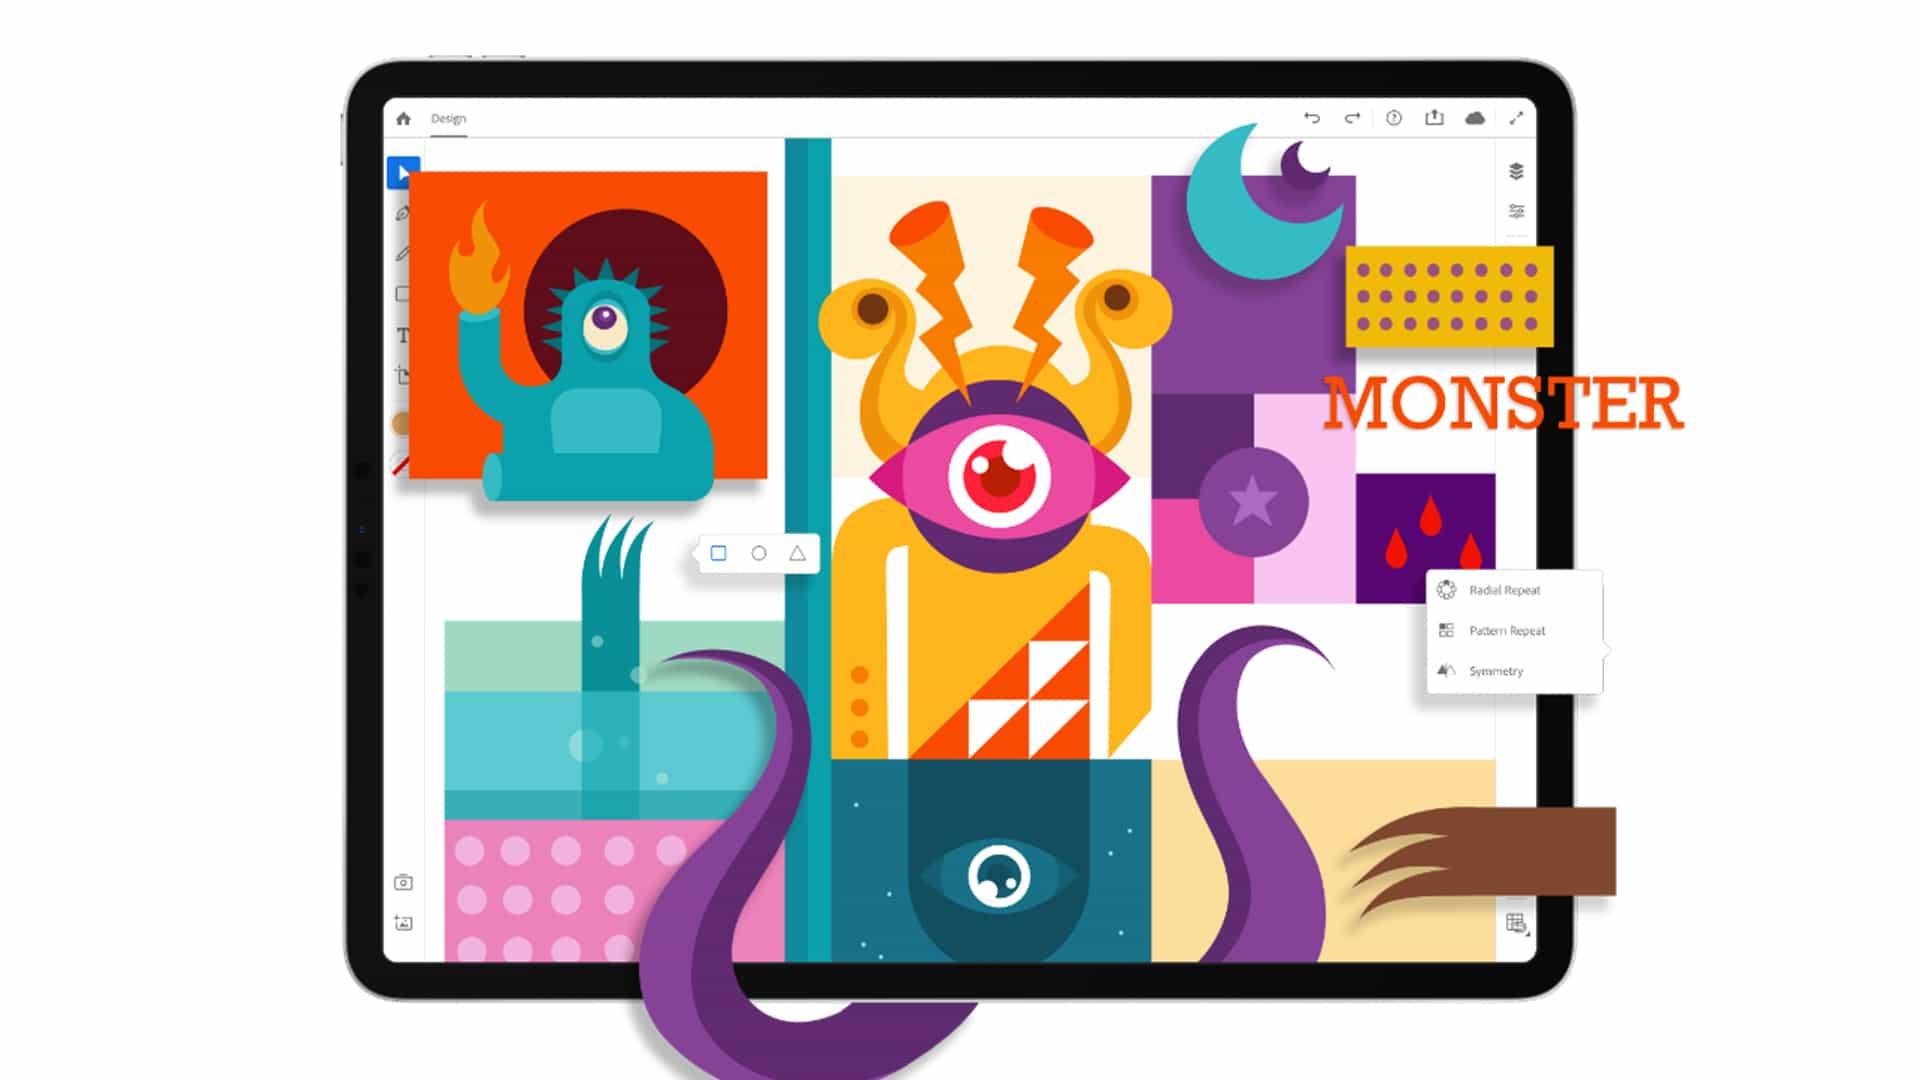 ¡Puede reservar Adobe Illustrator para iPad ahora!